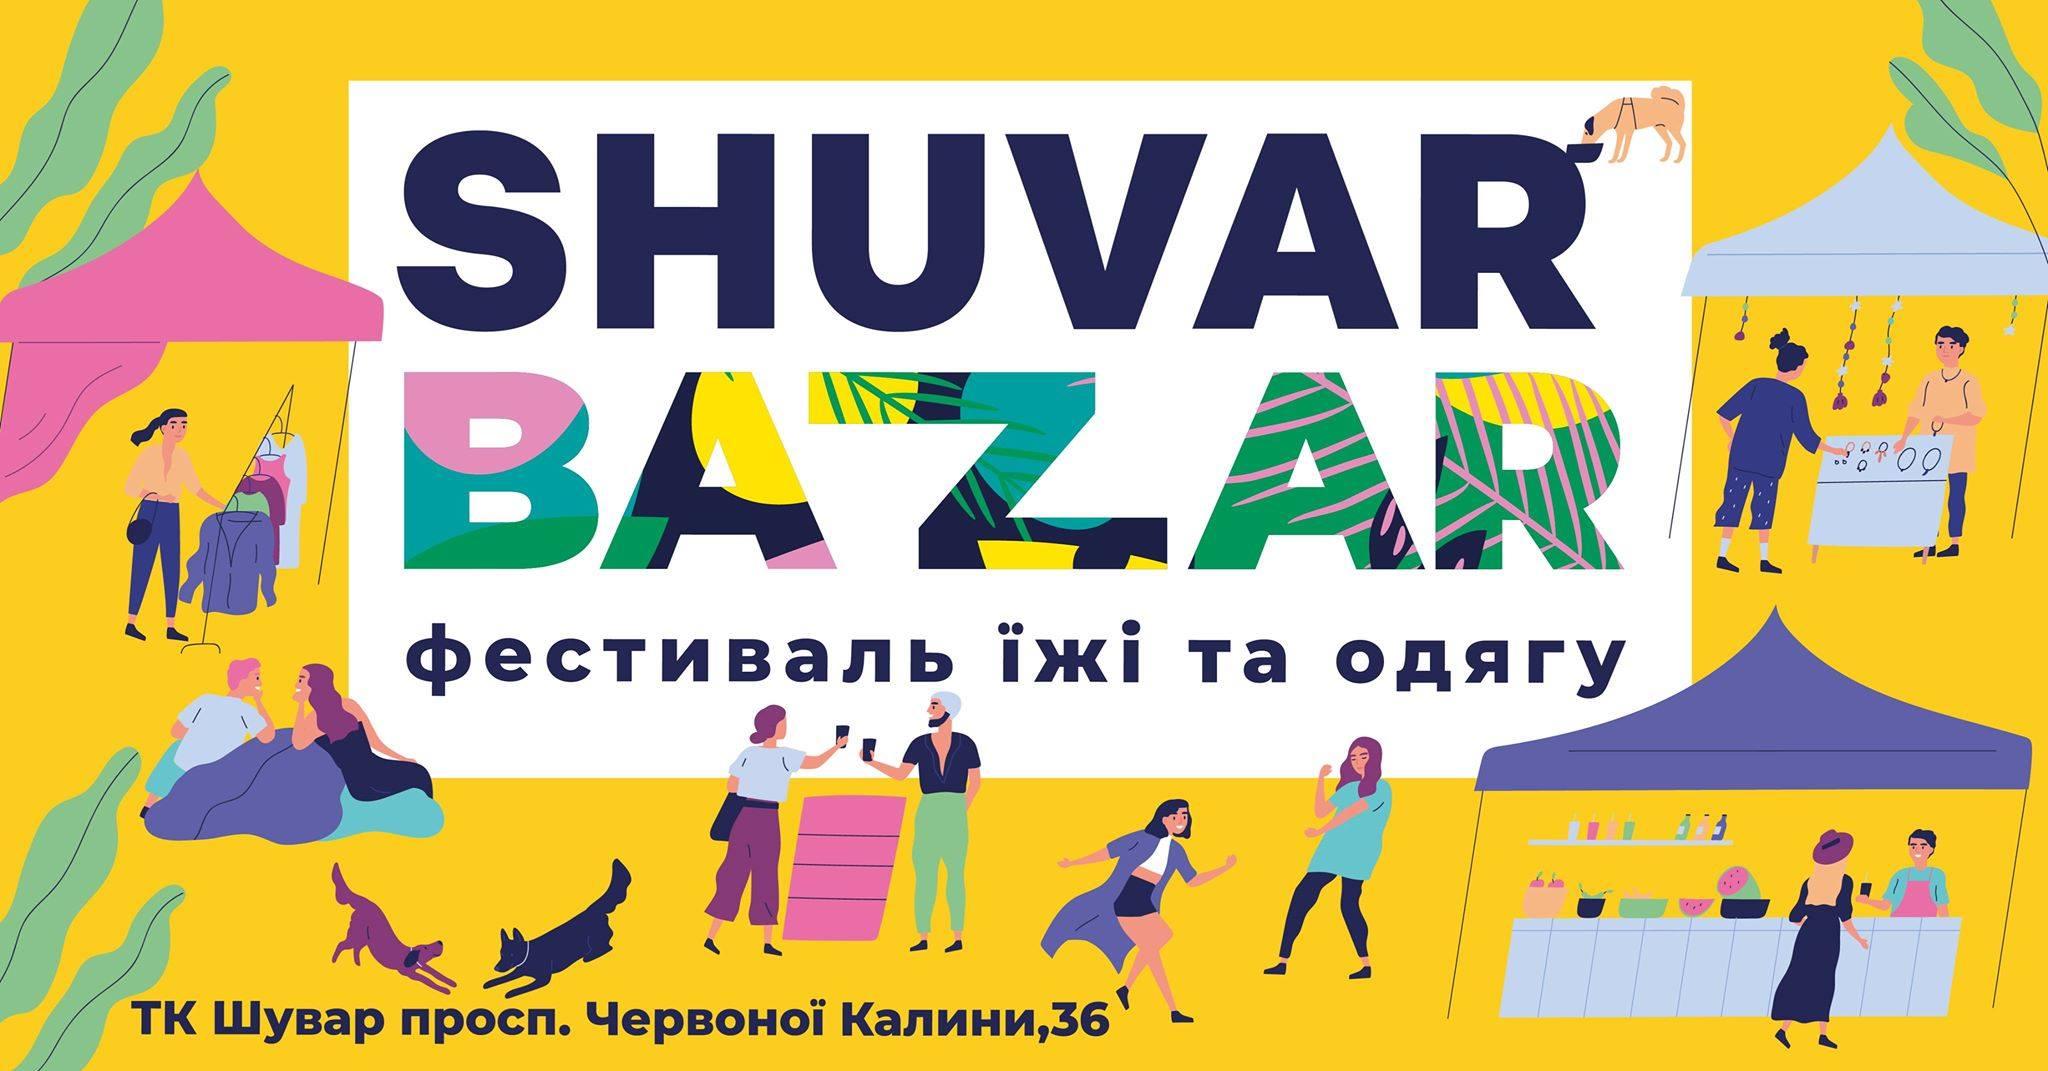 Вже скоро масштабний фестиваль одягу та вуличної їжі на Сихові. Програма